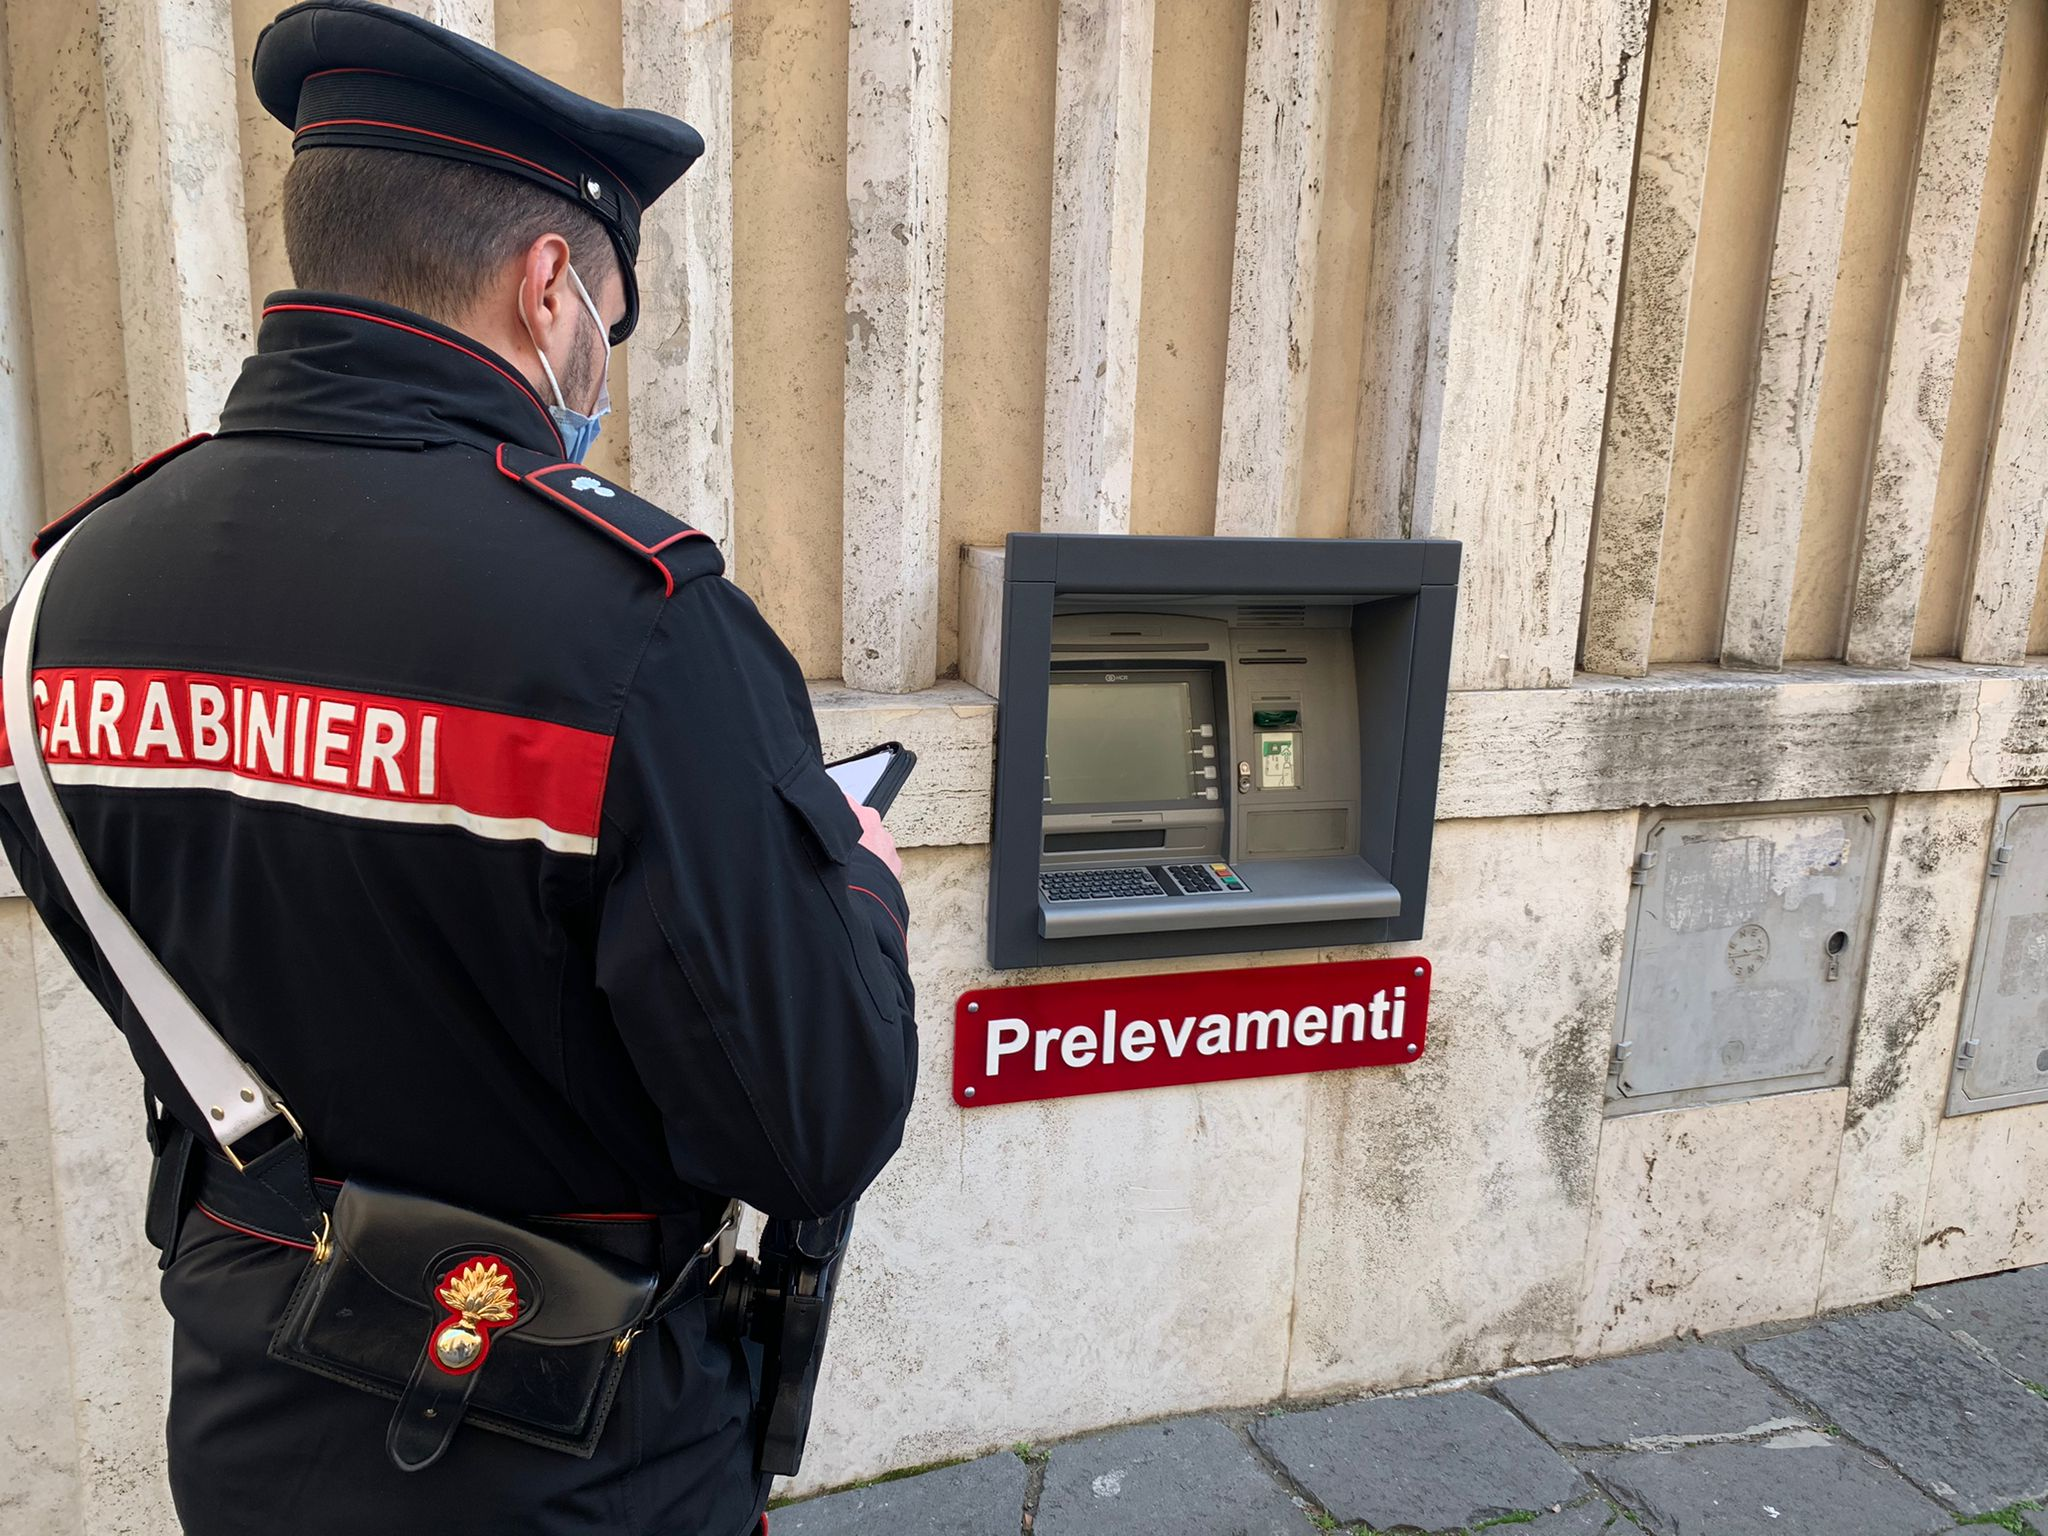 Roma, colpo grosso al bancomat sventato dai Carabinieri. Arrestate due persone